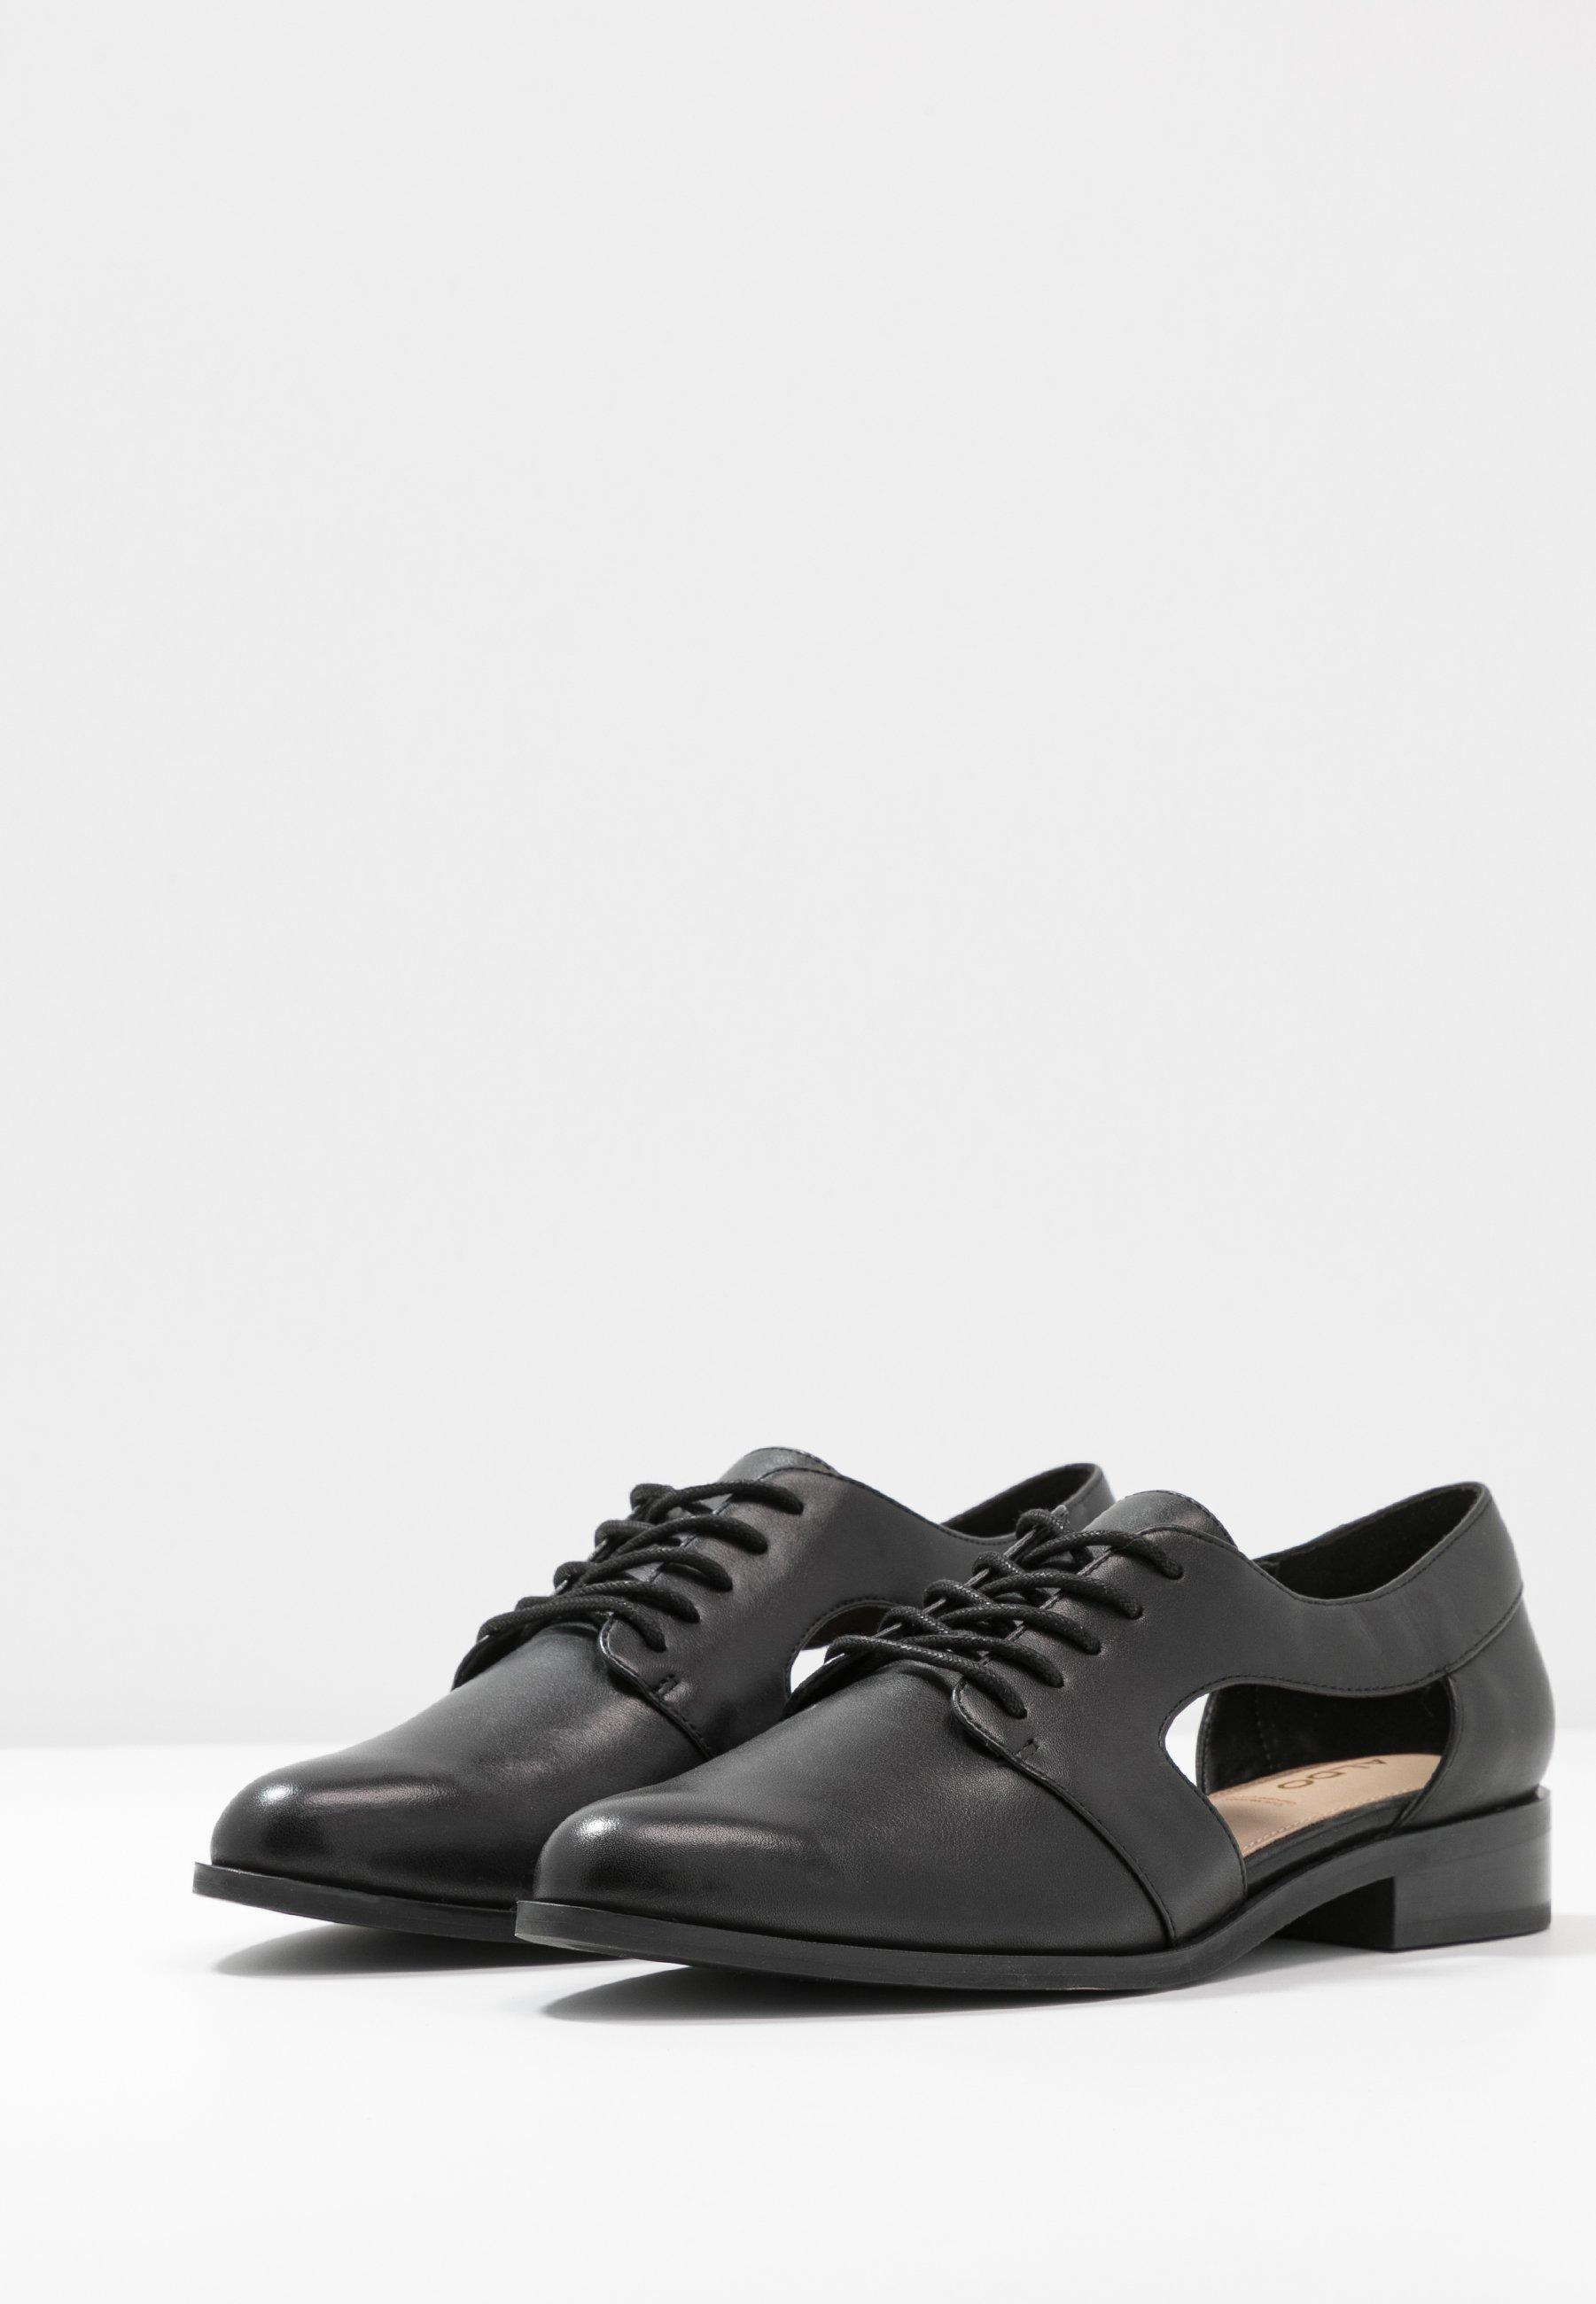 Aldo Tokel - Zapatos De Vestir Black